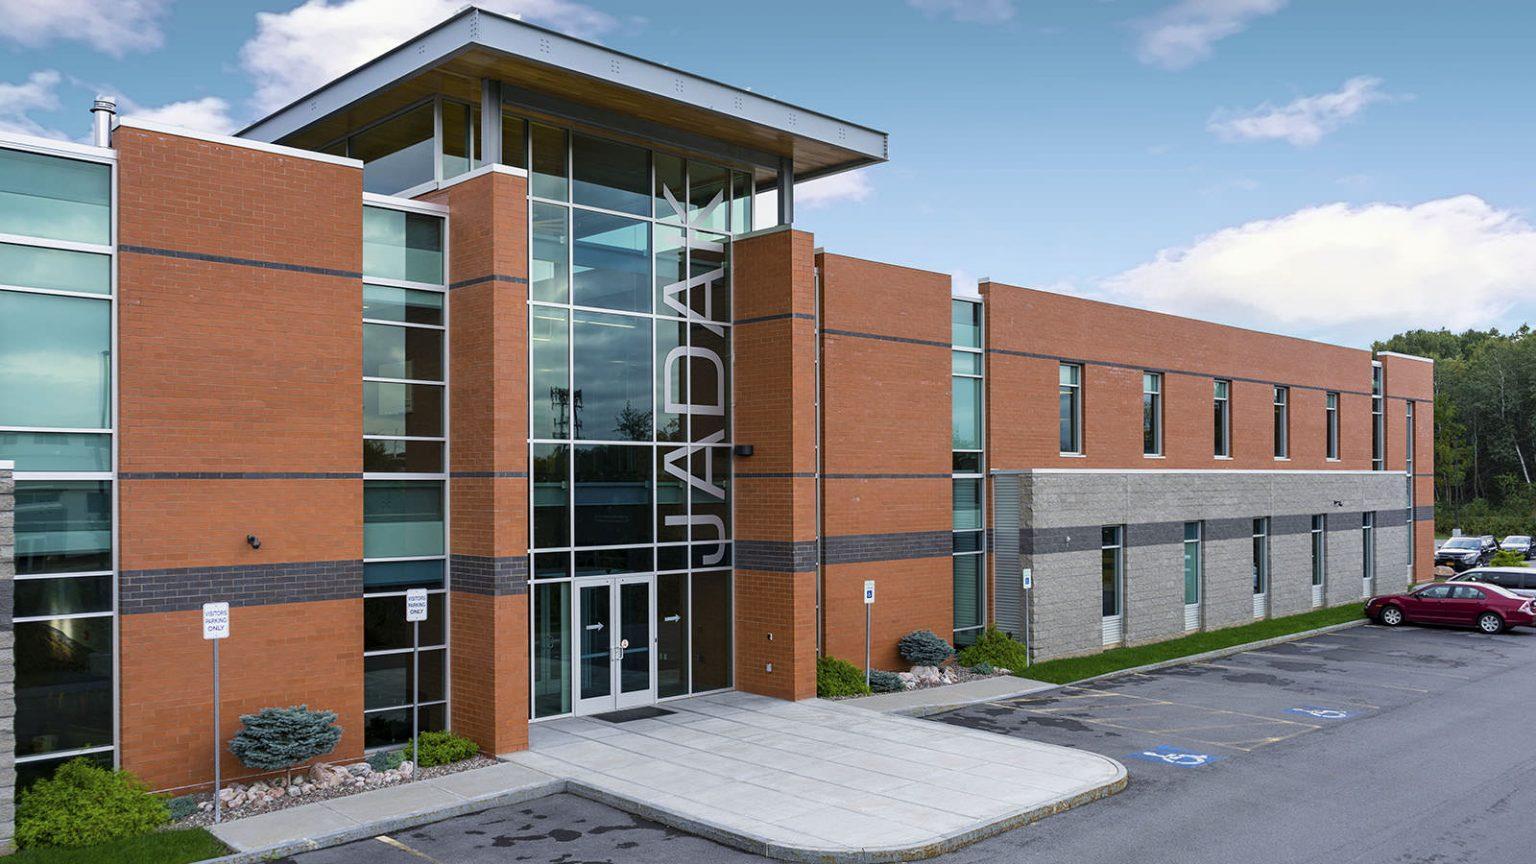 7279 William Barry Blvd Industrial Flex Office